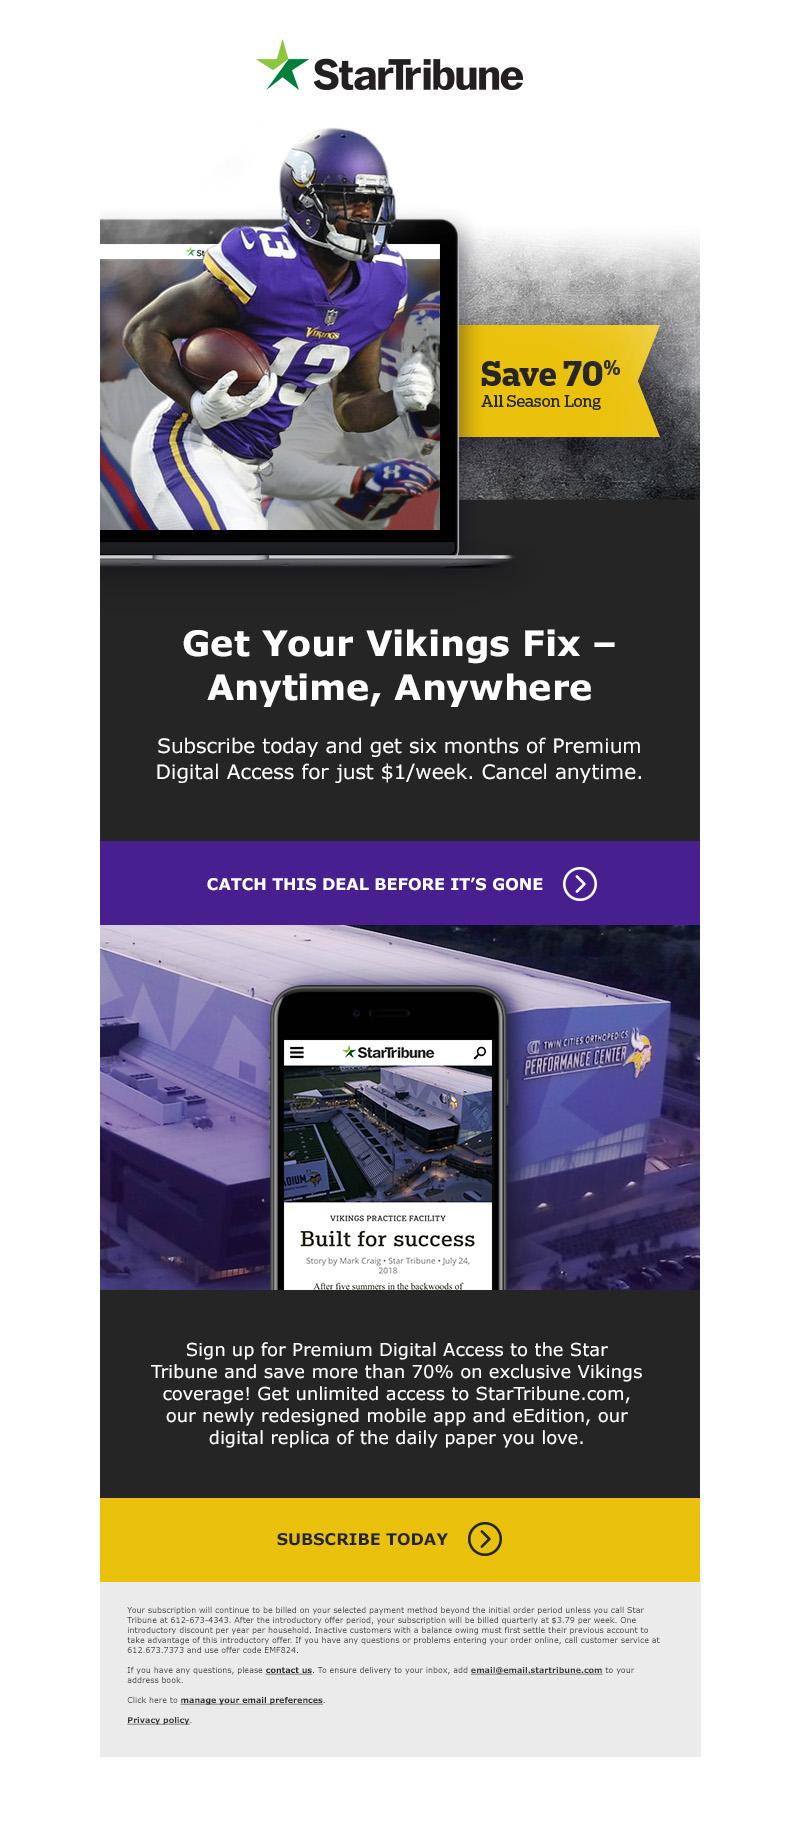 STR_Vikings_Email_C2_V3.jpg